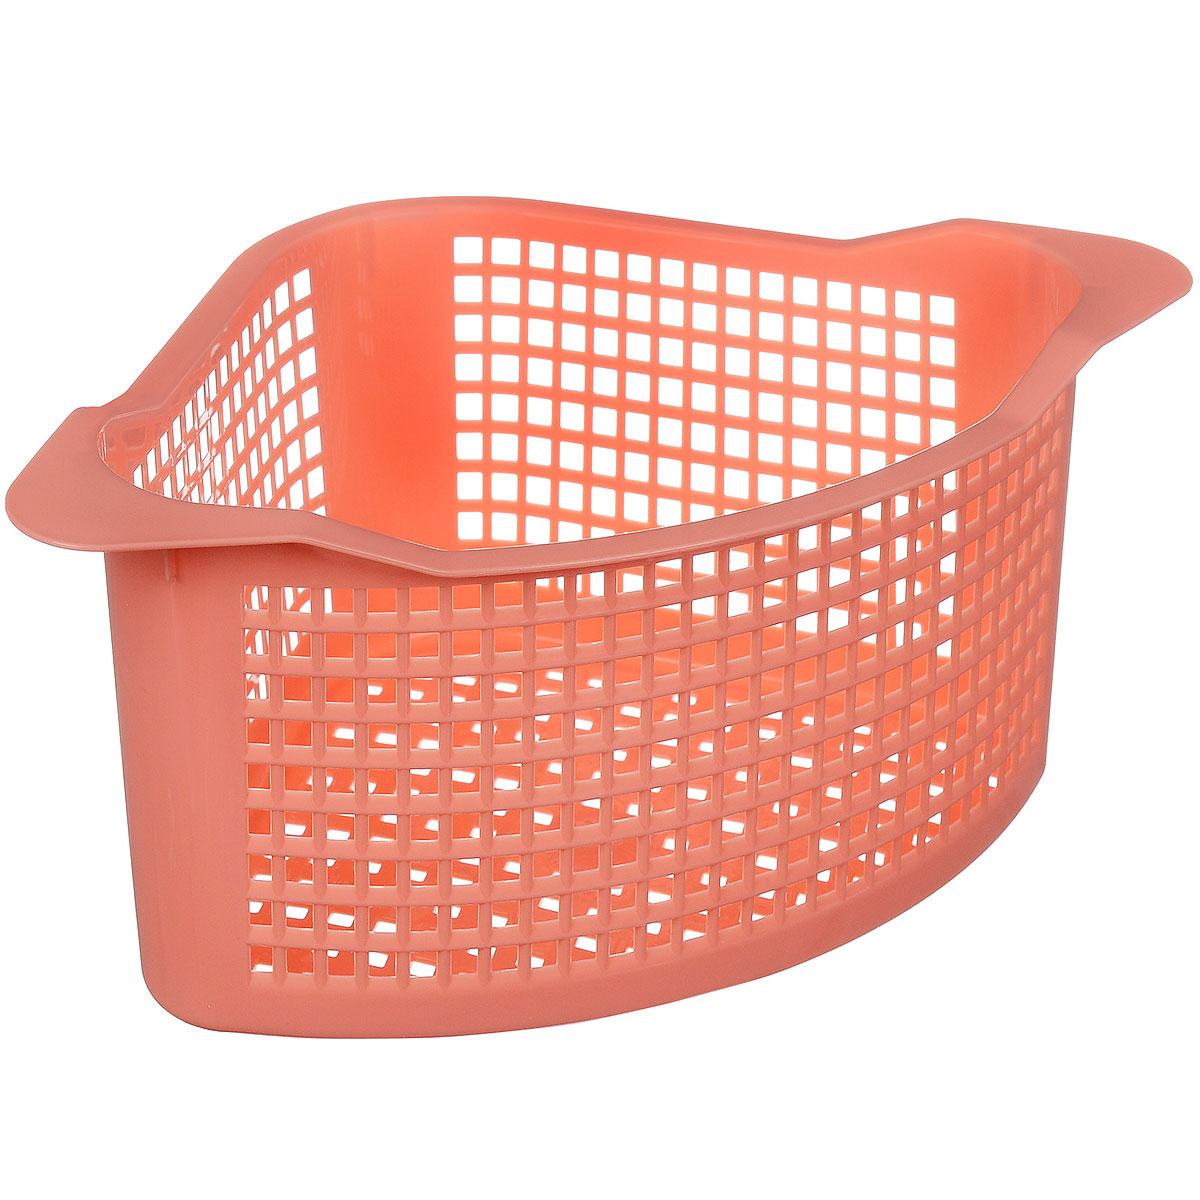 Корзинка универсальная Econova, угловая, цвет: коралловый, 29 х 18 х 12 см718343_коралловыйУниверсальная угловая корзинка Econova, изготовленная из высококачественного прочного пластика, предназначена для хранения мелочей в ванной, на кухне или даче. Это легкая корзина с жесткой кромкой и небольшими отверстиями позволяет хранить мелкие вещи, исключая возможность их потери. Размер: 29 см х 18 см х 12 см.